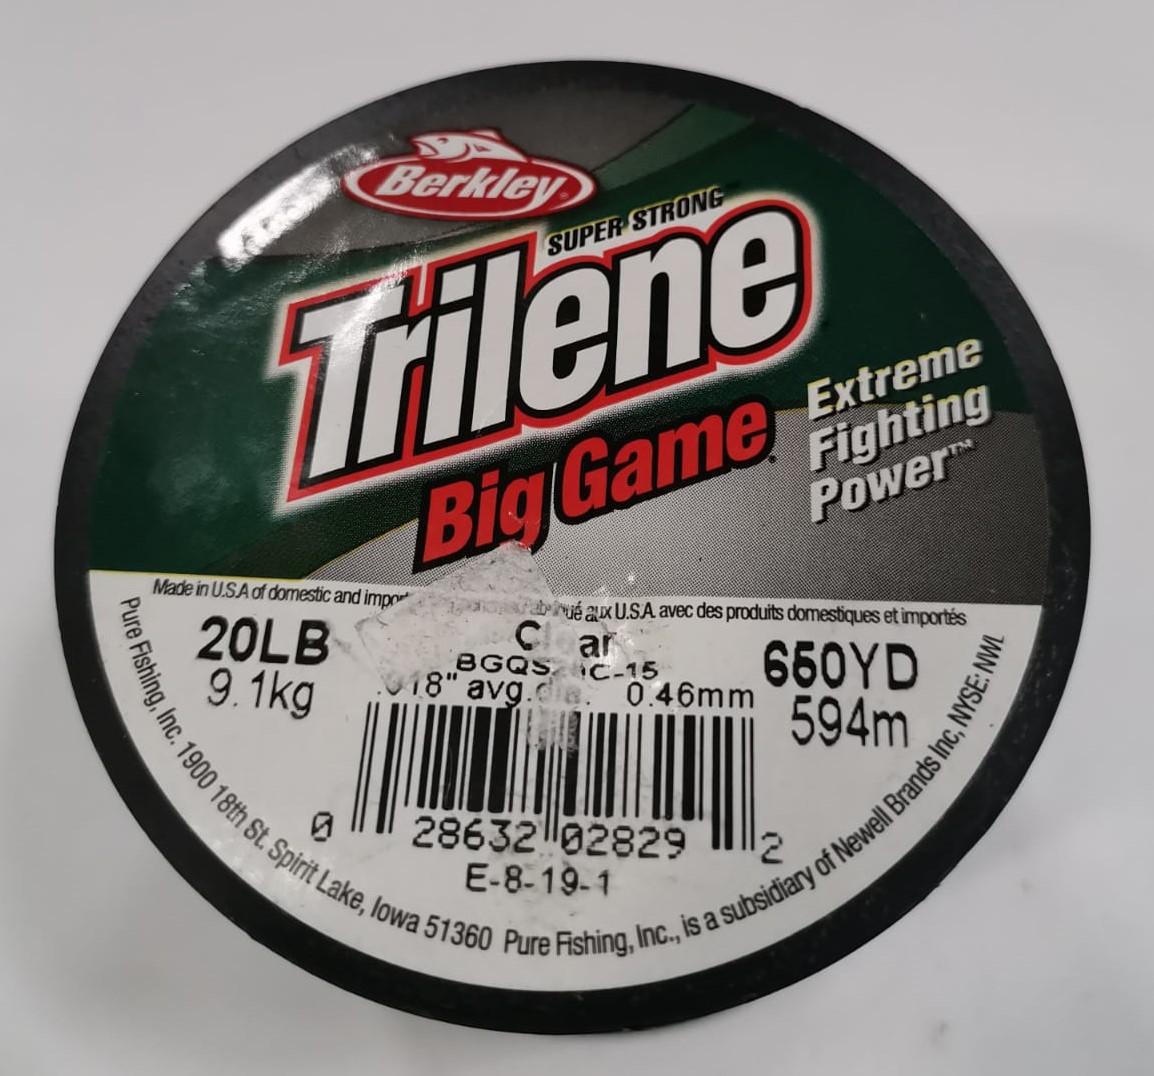 60LB CLEAR BERKLEY BIG GAME FLUOROCARBON 20LB